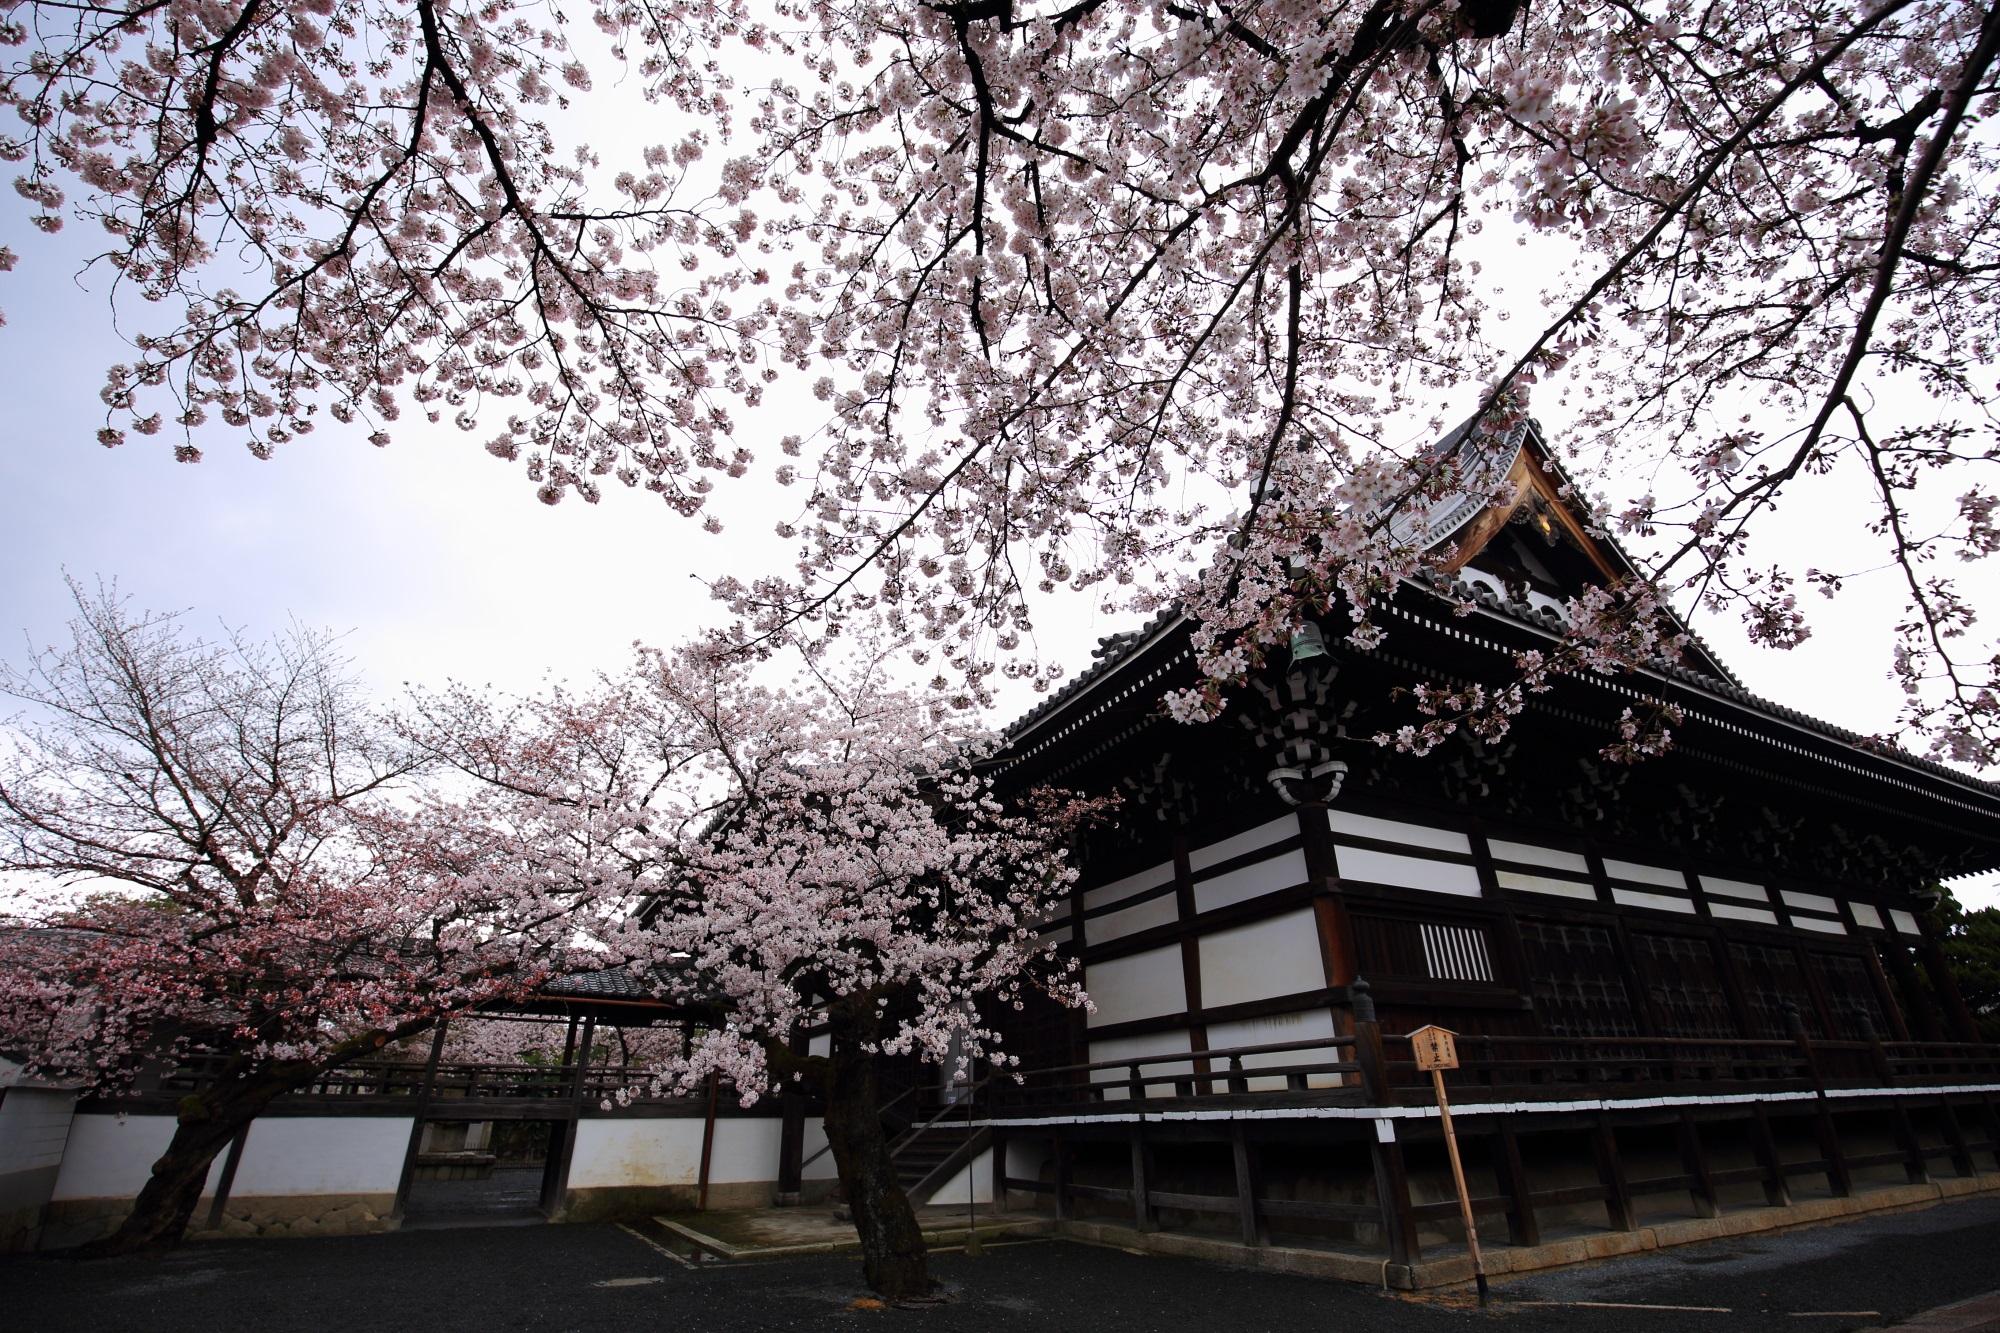 妙顕寺 桜 満開 春 名所